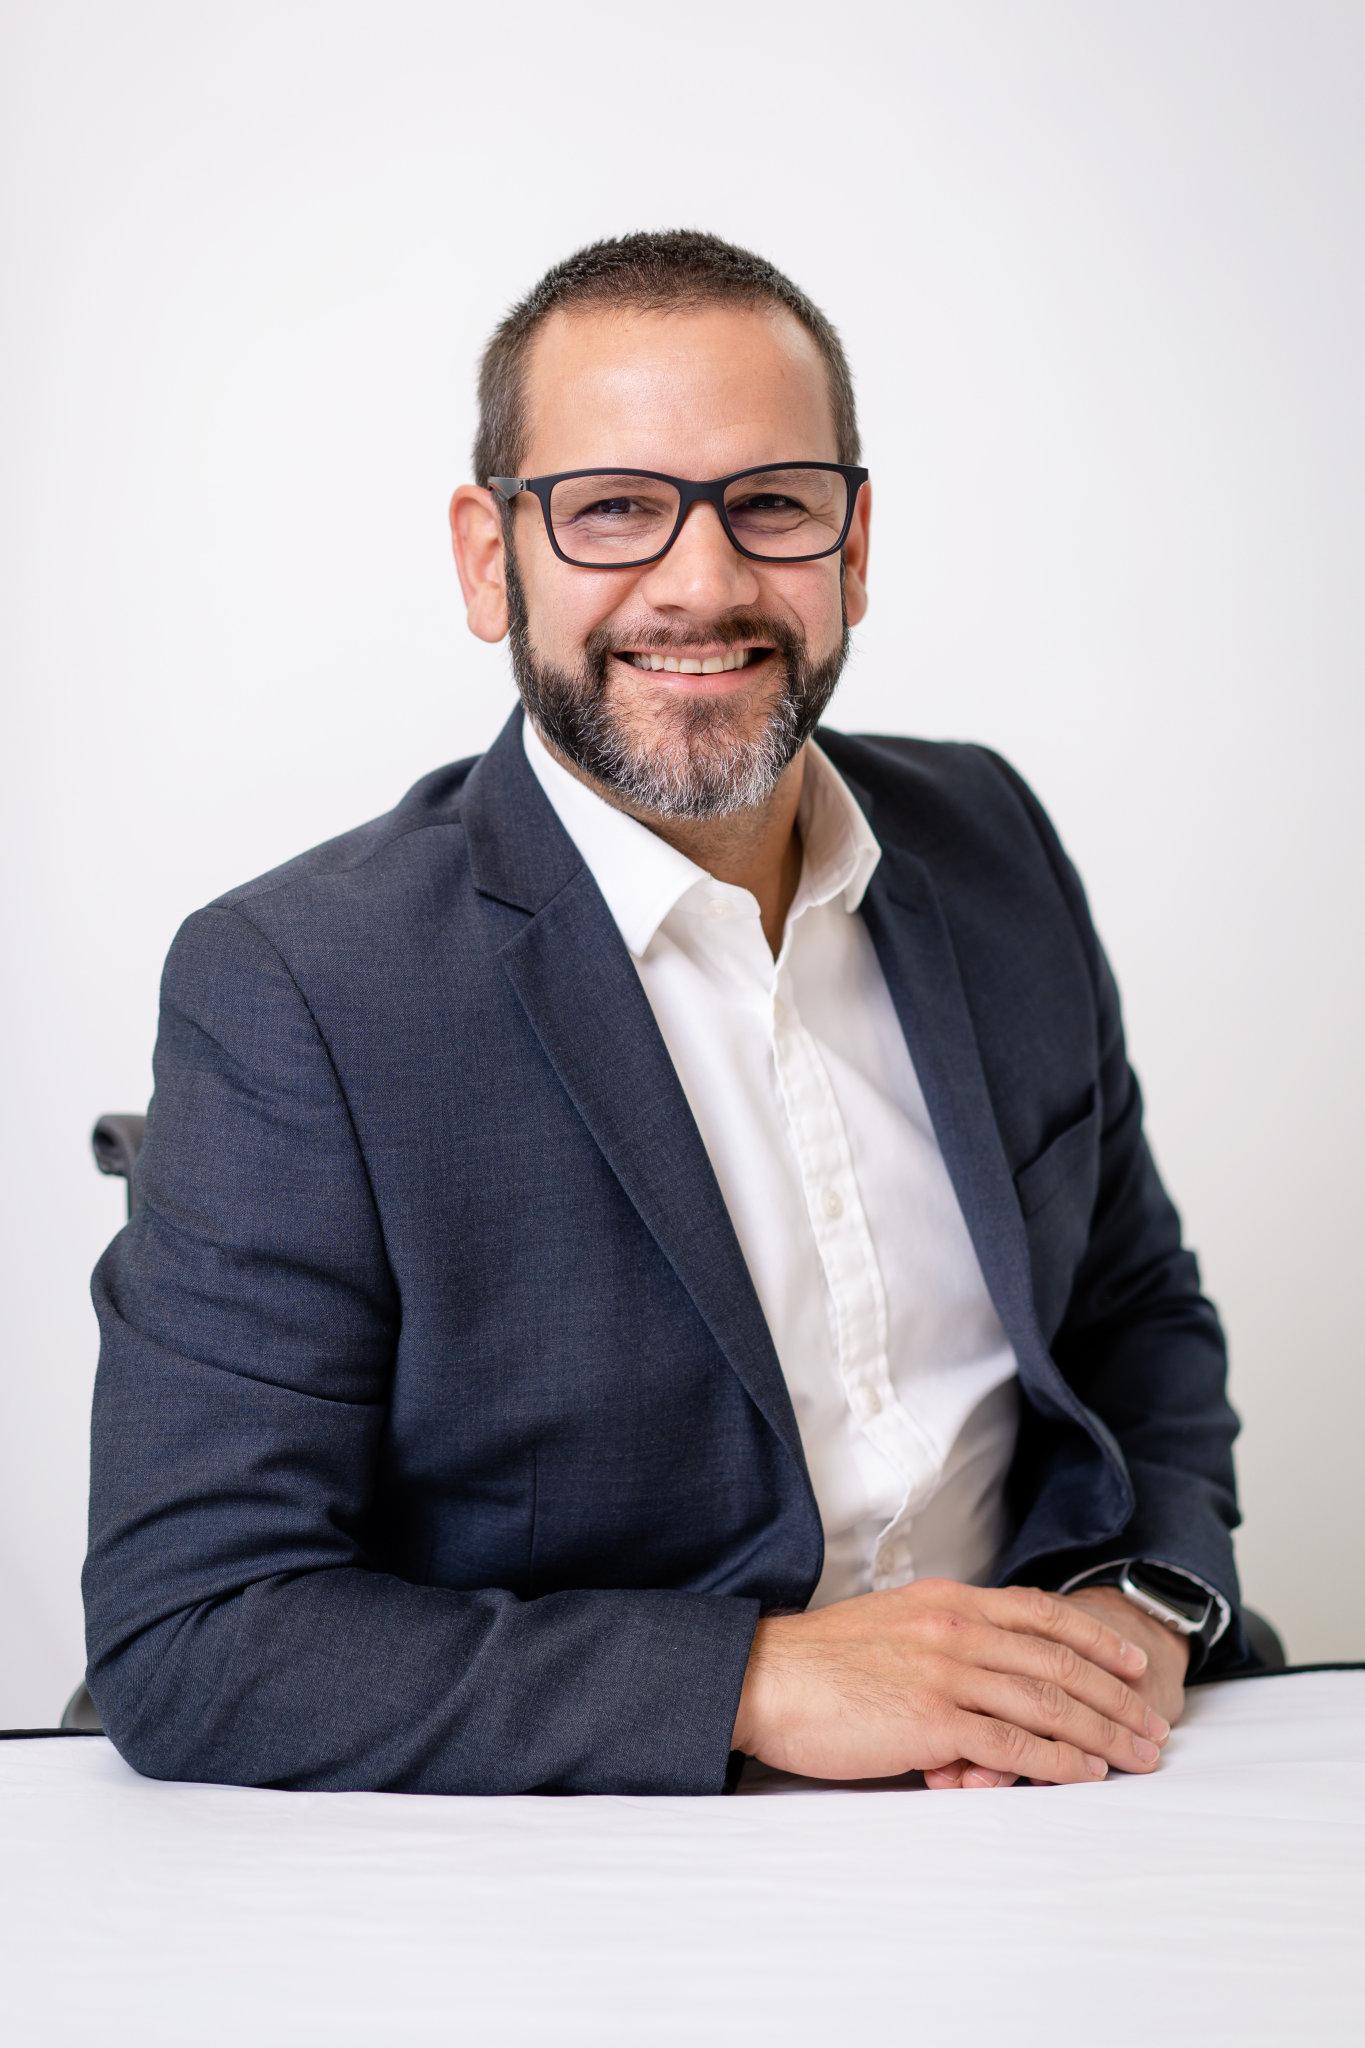 Kevin Turpin, ředitel průzkumu trhu Colliers pro střední a východní Evropu